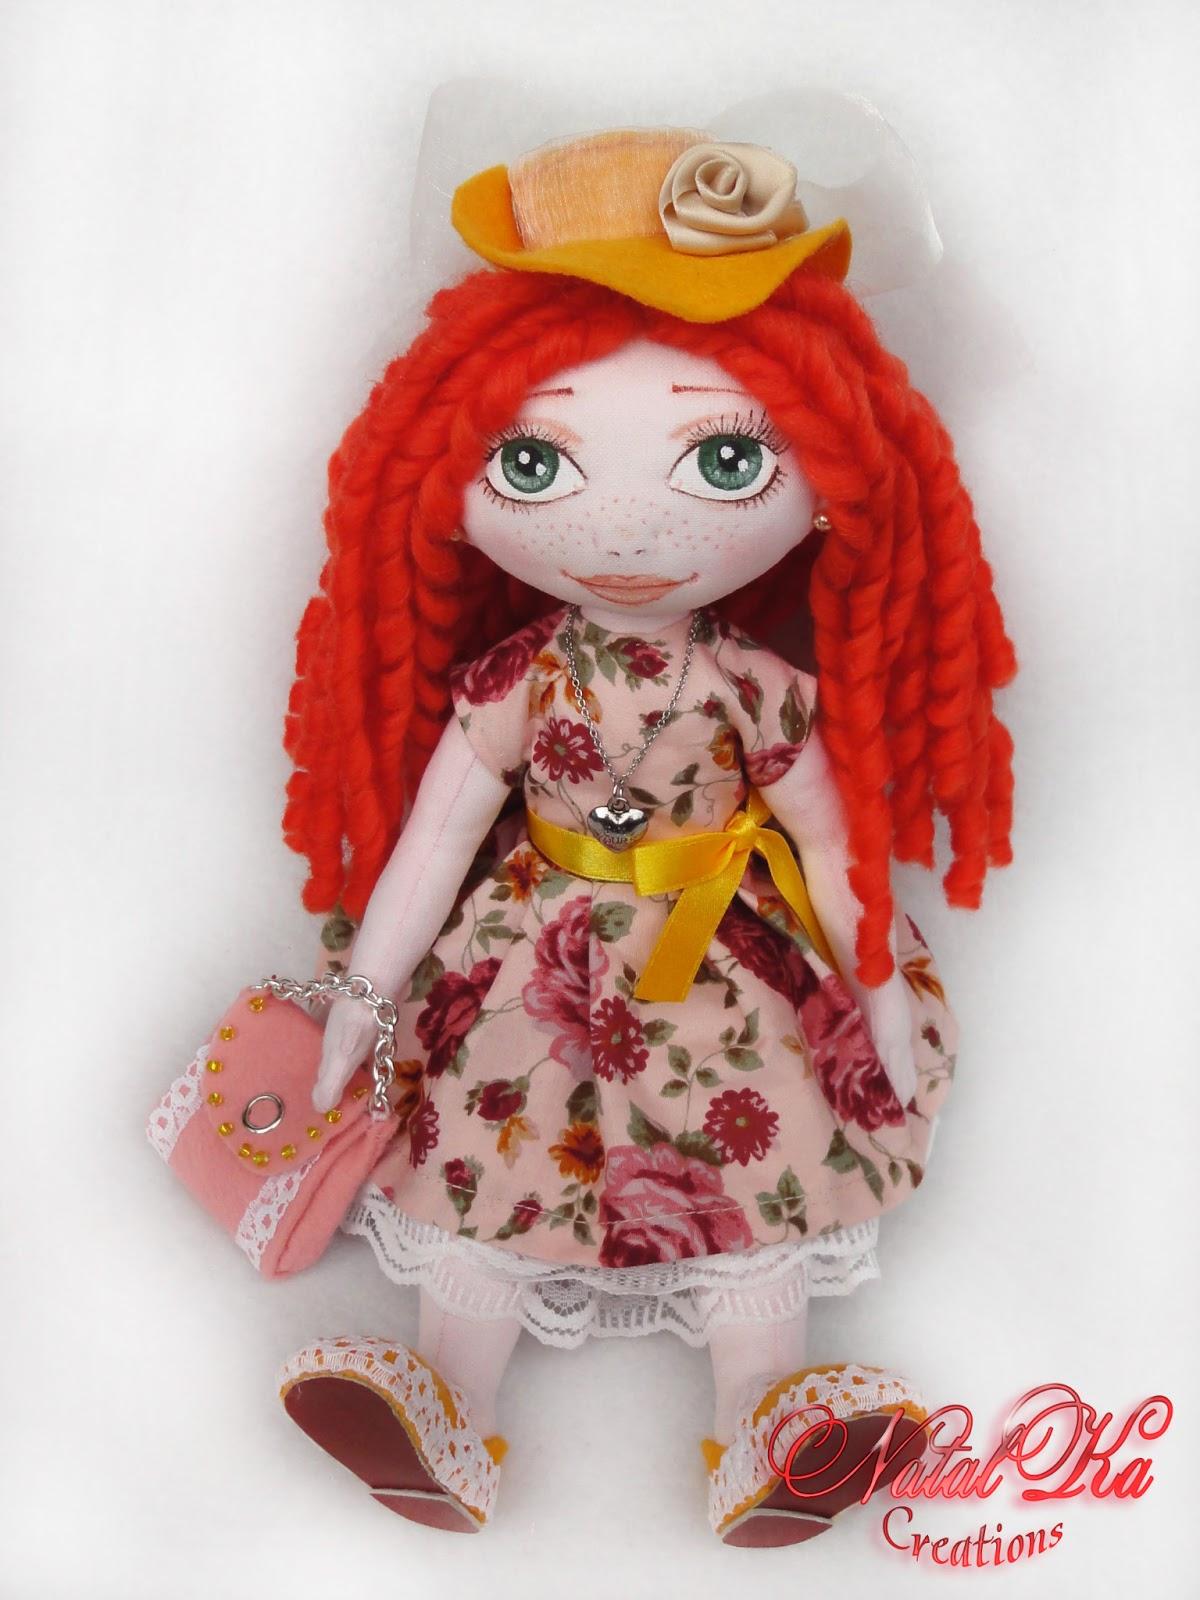 Handgemachte Stoffpuppe von NatalKa Creations. Cloth art doll handmade by NatalKa Creations